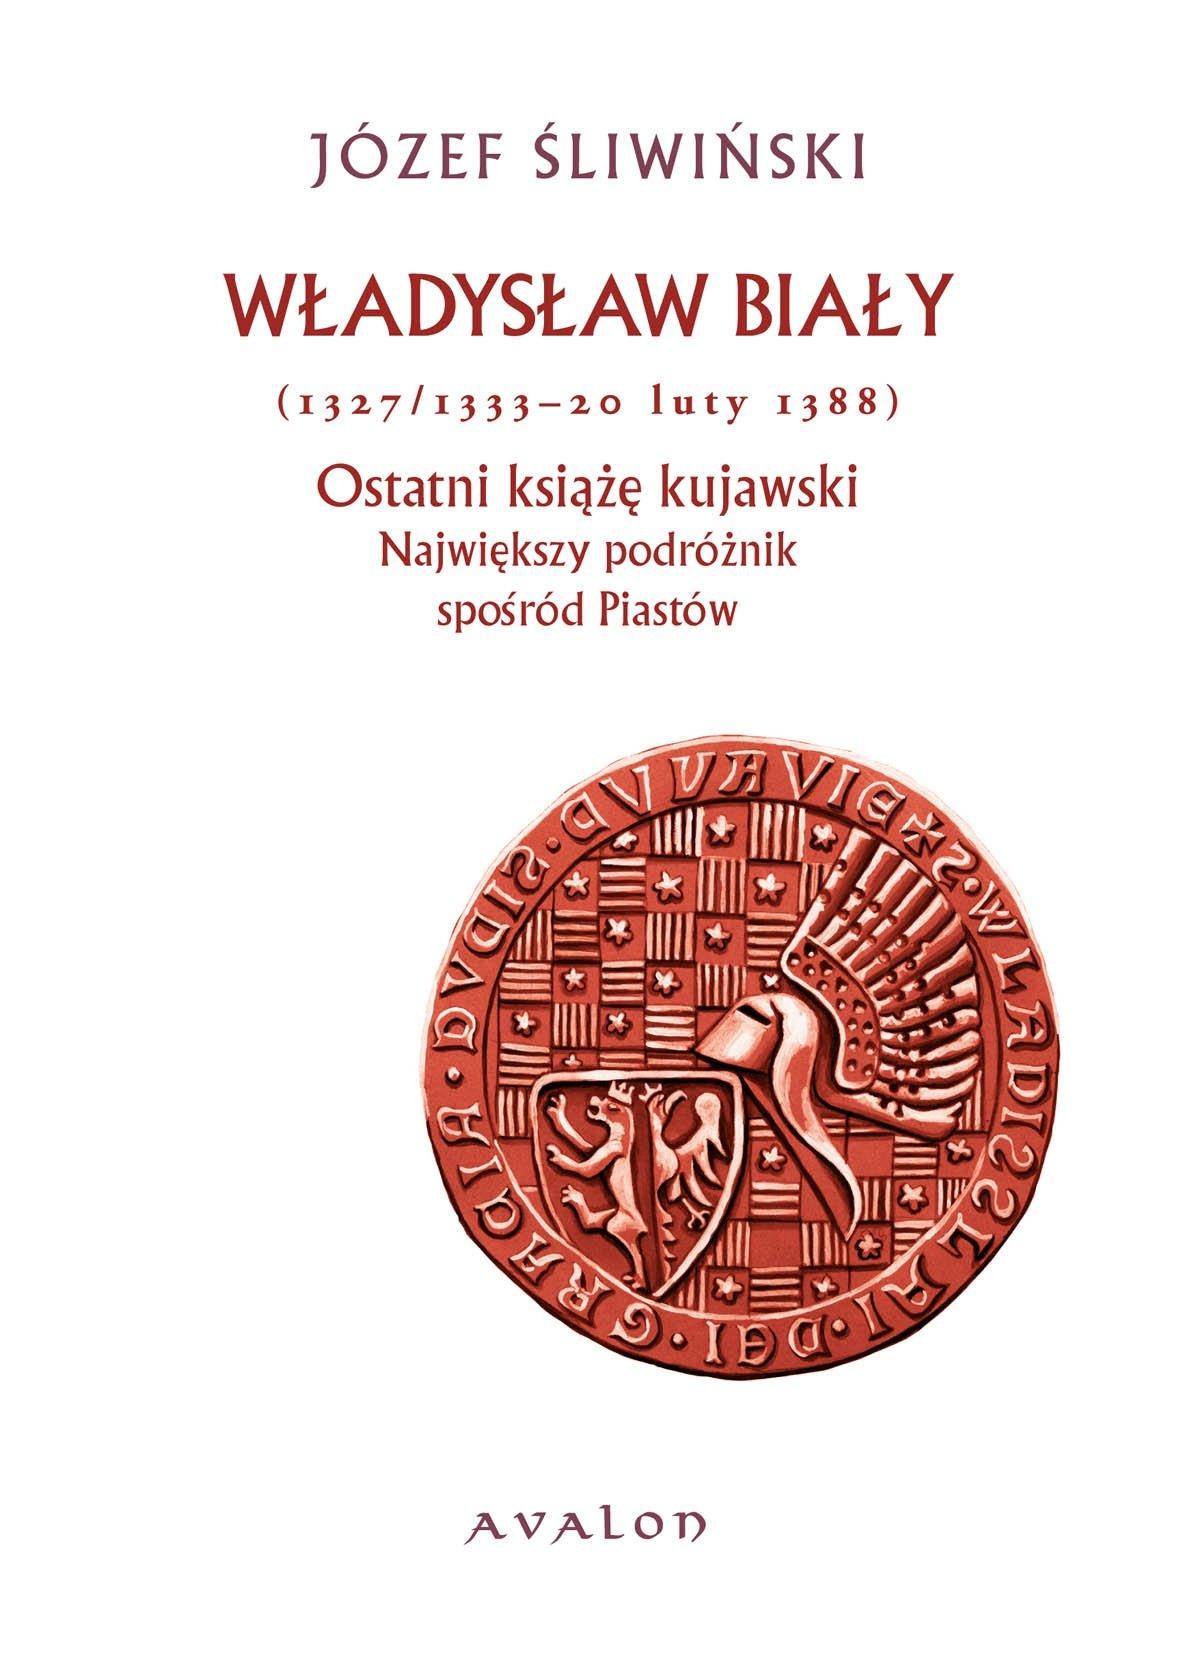 Władysław Biały (1327/1333 - 20 luty 1388). Ostatni książę kujawski. Największy podróżnik spośród Piastów. - Ebook (Książka PDF) do pobrania w formacie PDF